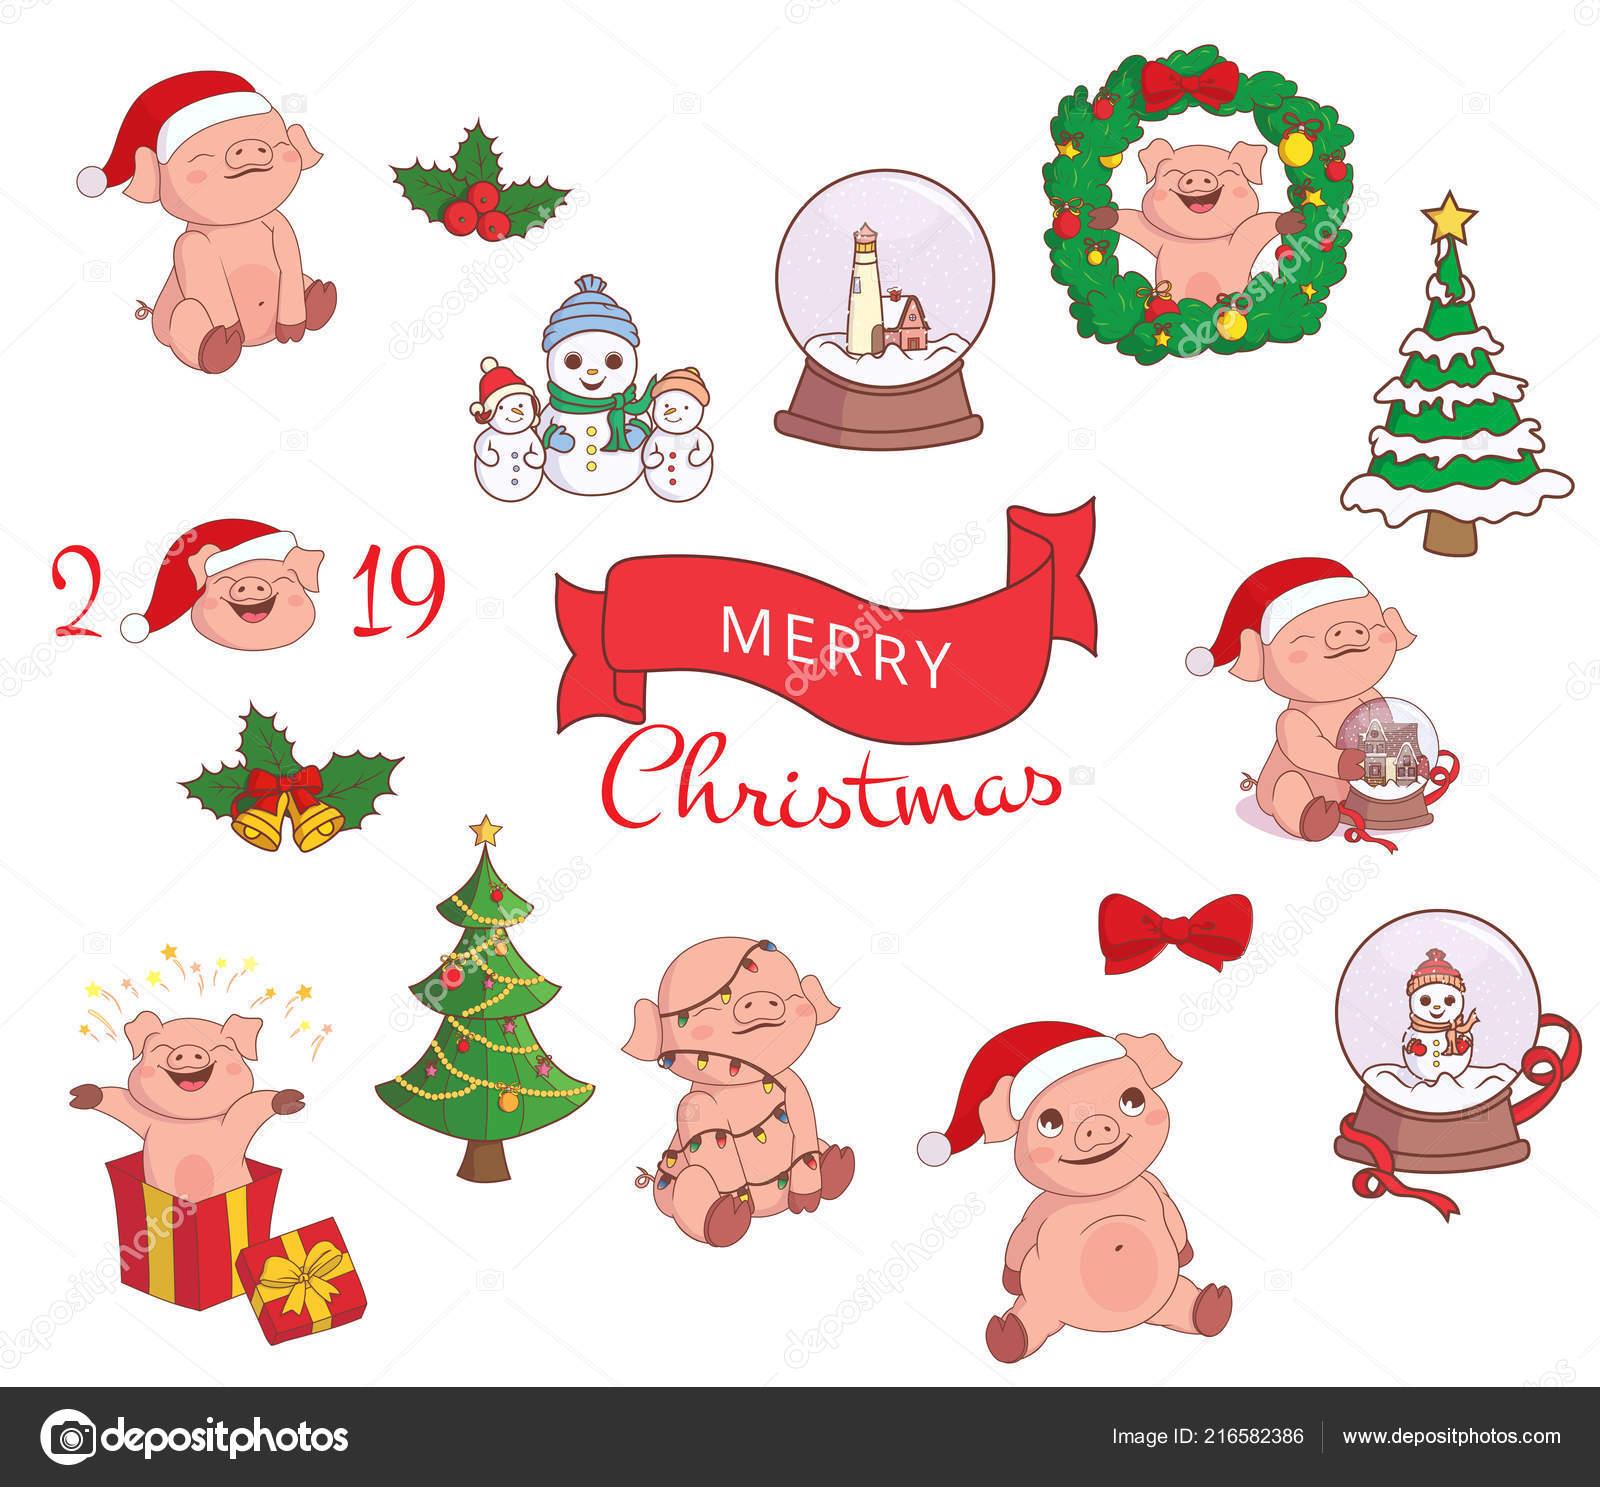 Conjunto Elementos Navidad Año Nuevo Los Iconos Cerdo Sombrero Papá ...